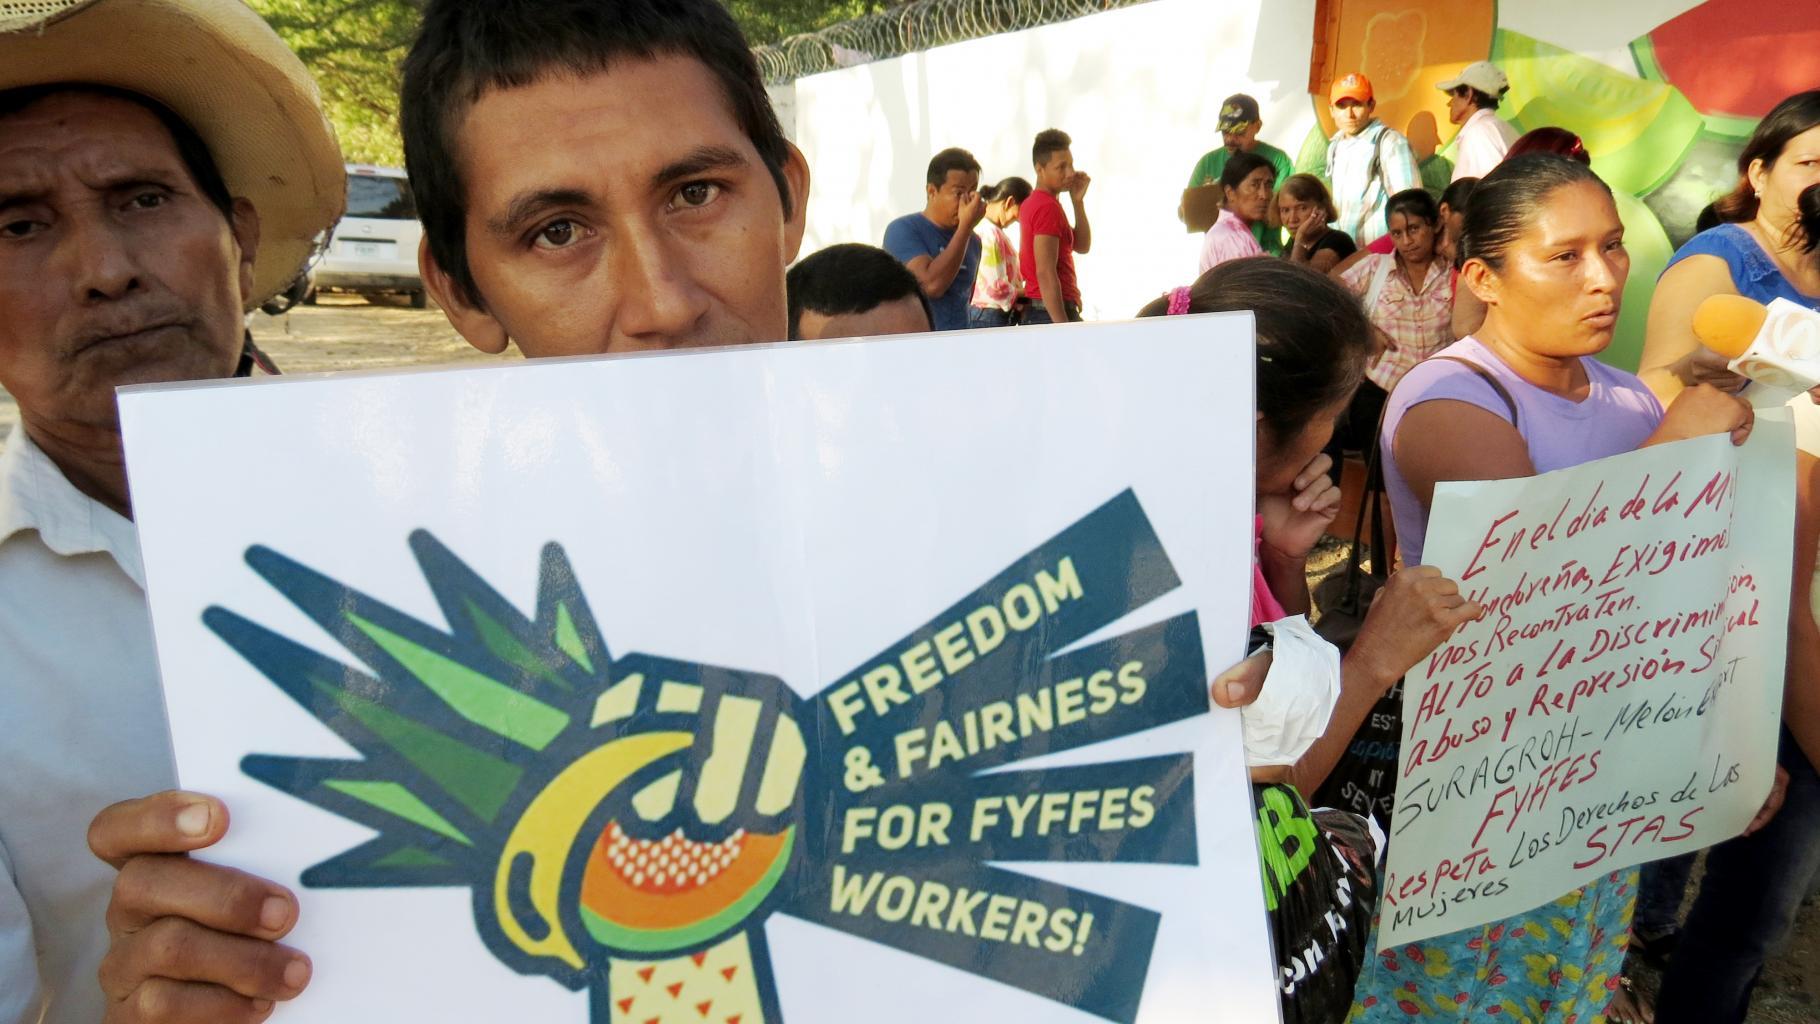 """Ein Demonstrant hält ein Plakat in die Kamera: """"Freedom and fairness for Fyffes workers!"""""""